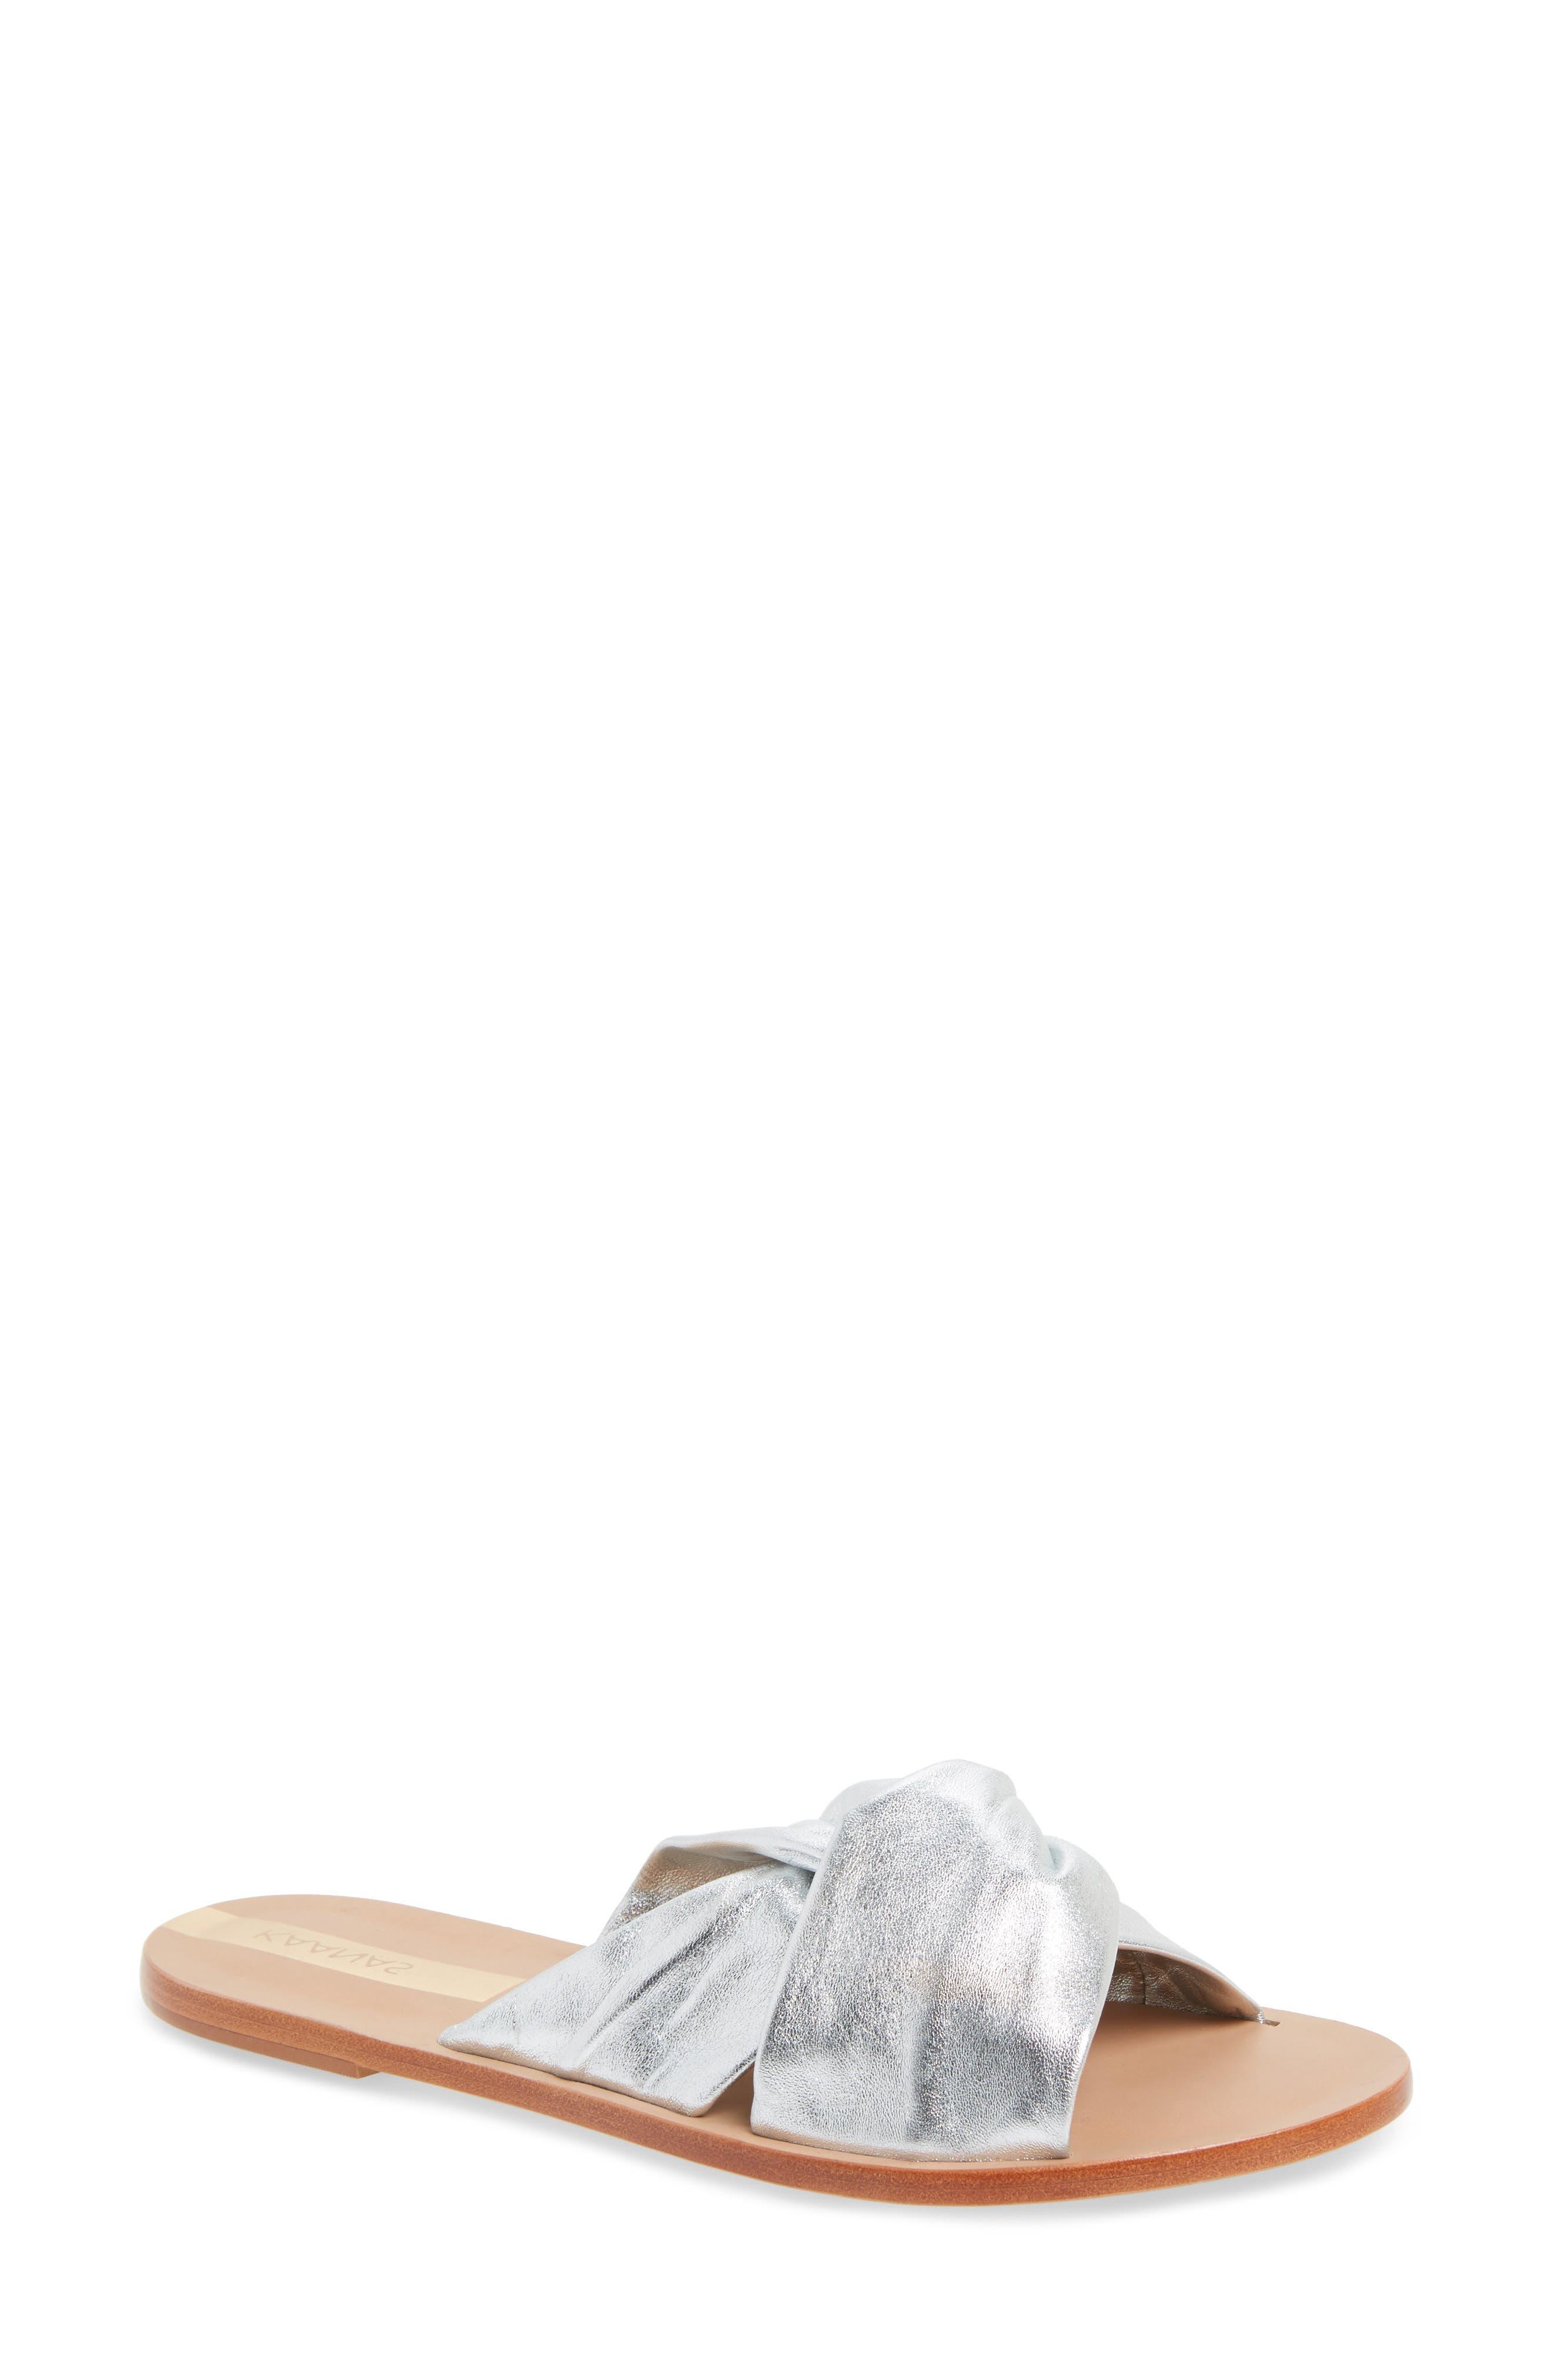 Belem Looped Slide Sandal,                         Main,                         color, 040